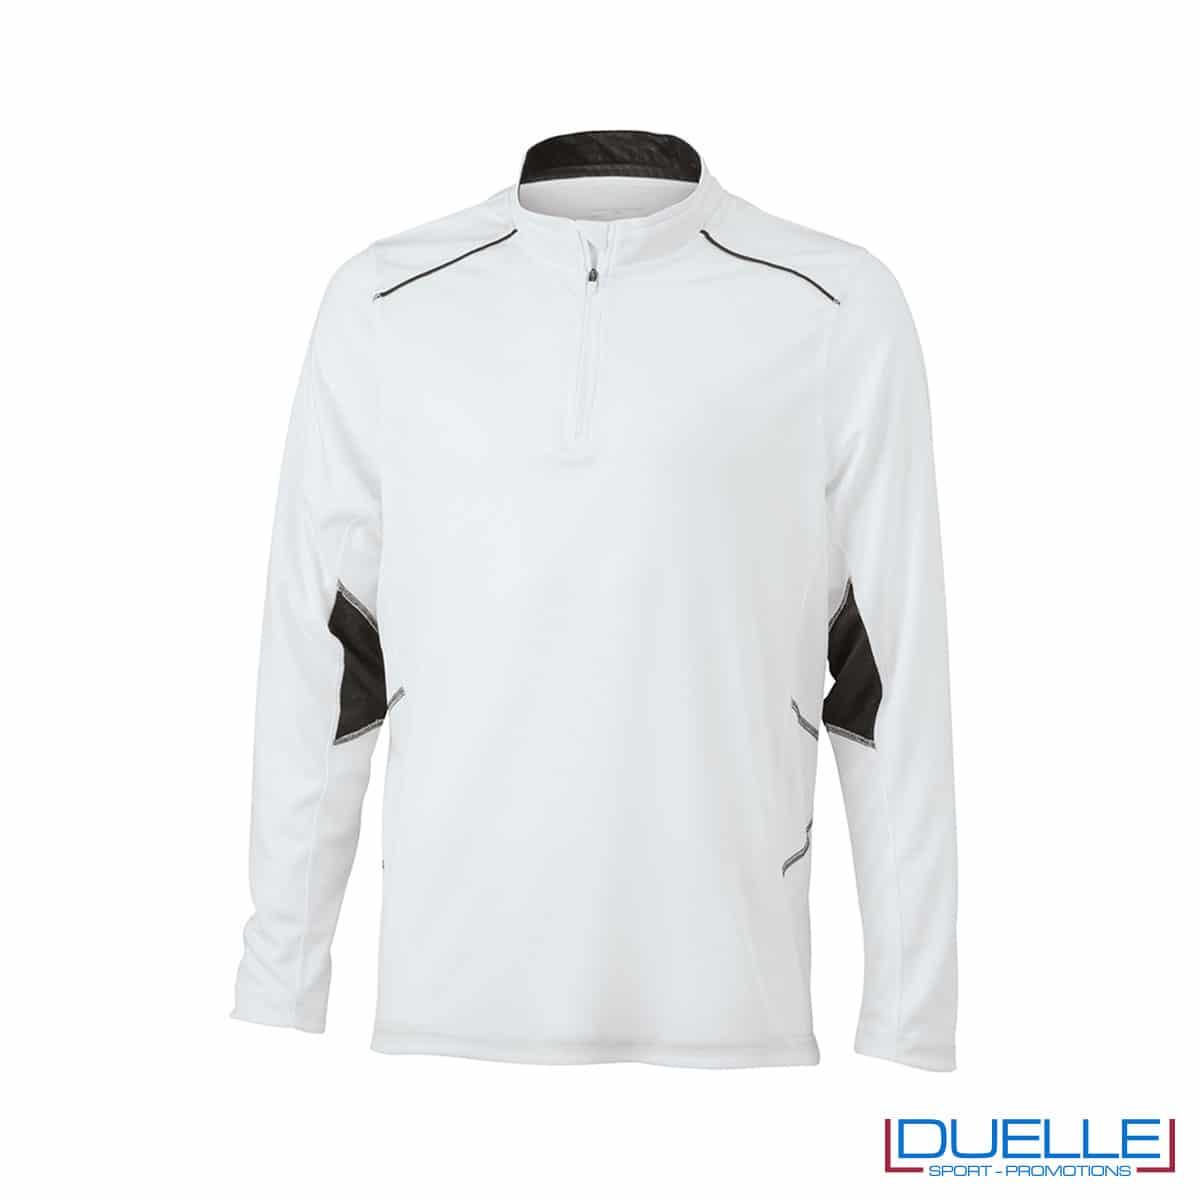 Maglia running con zip uomo colore bianco personalizzata